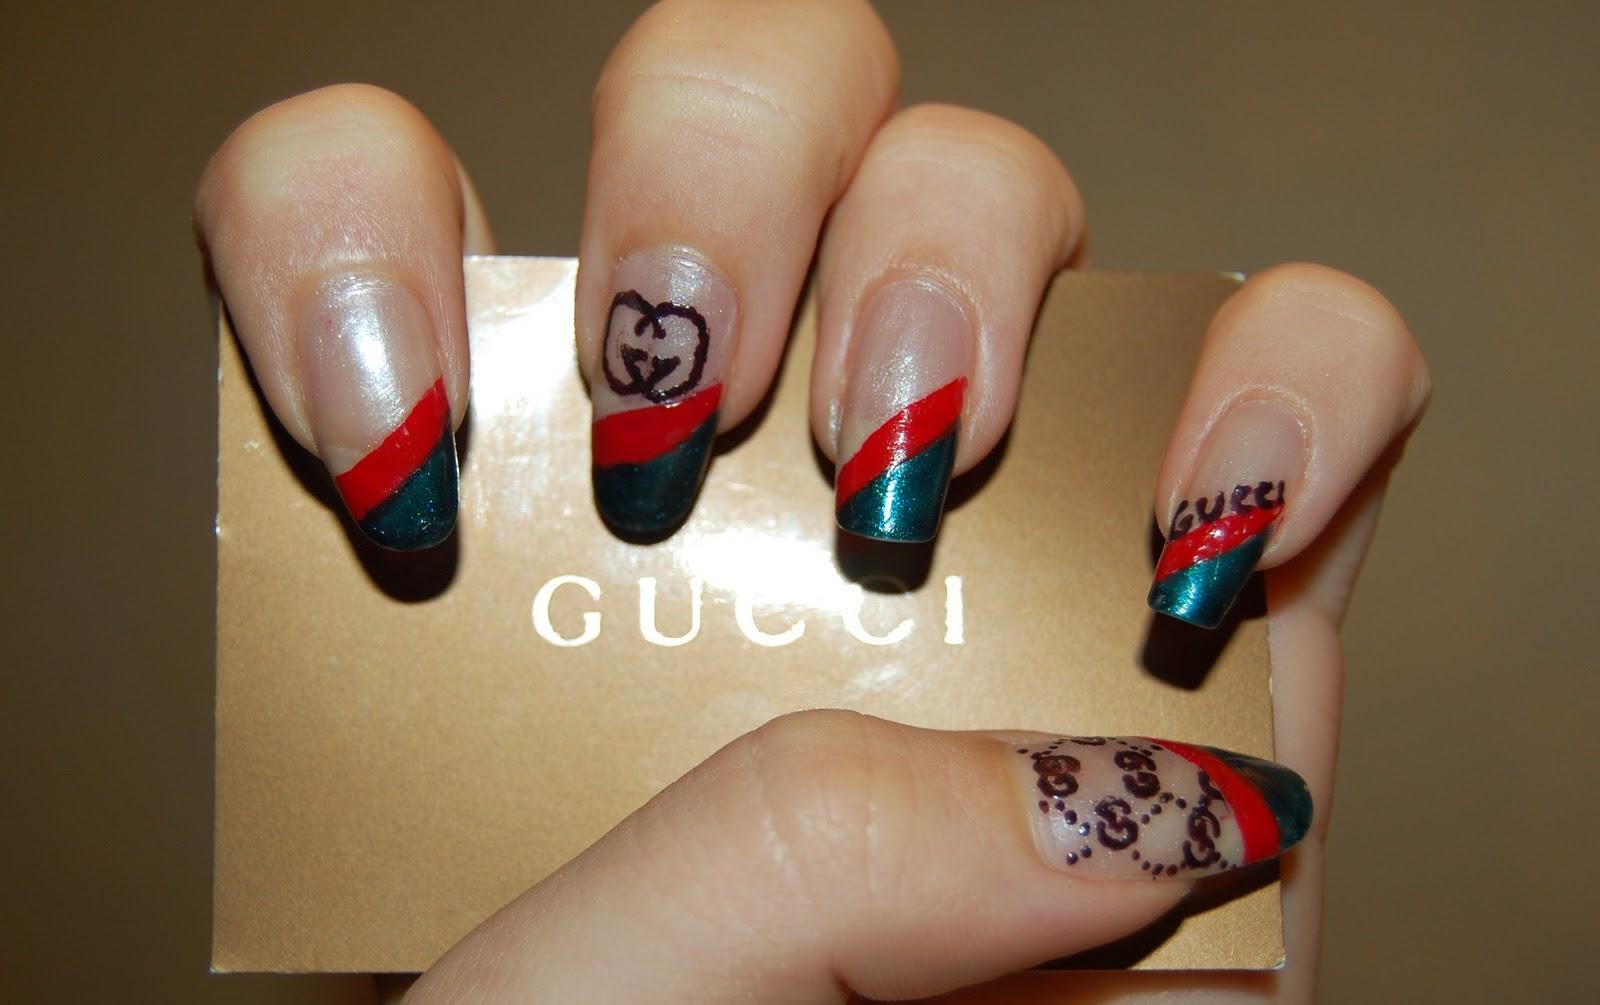 gucci nails. la seconda nail art che vi propongo è ispirata a gucci, quindi i colori sono il classico rosso \u0026 verde accompagnato dal beige di base e dettagli in gucci nails